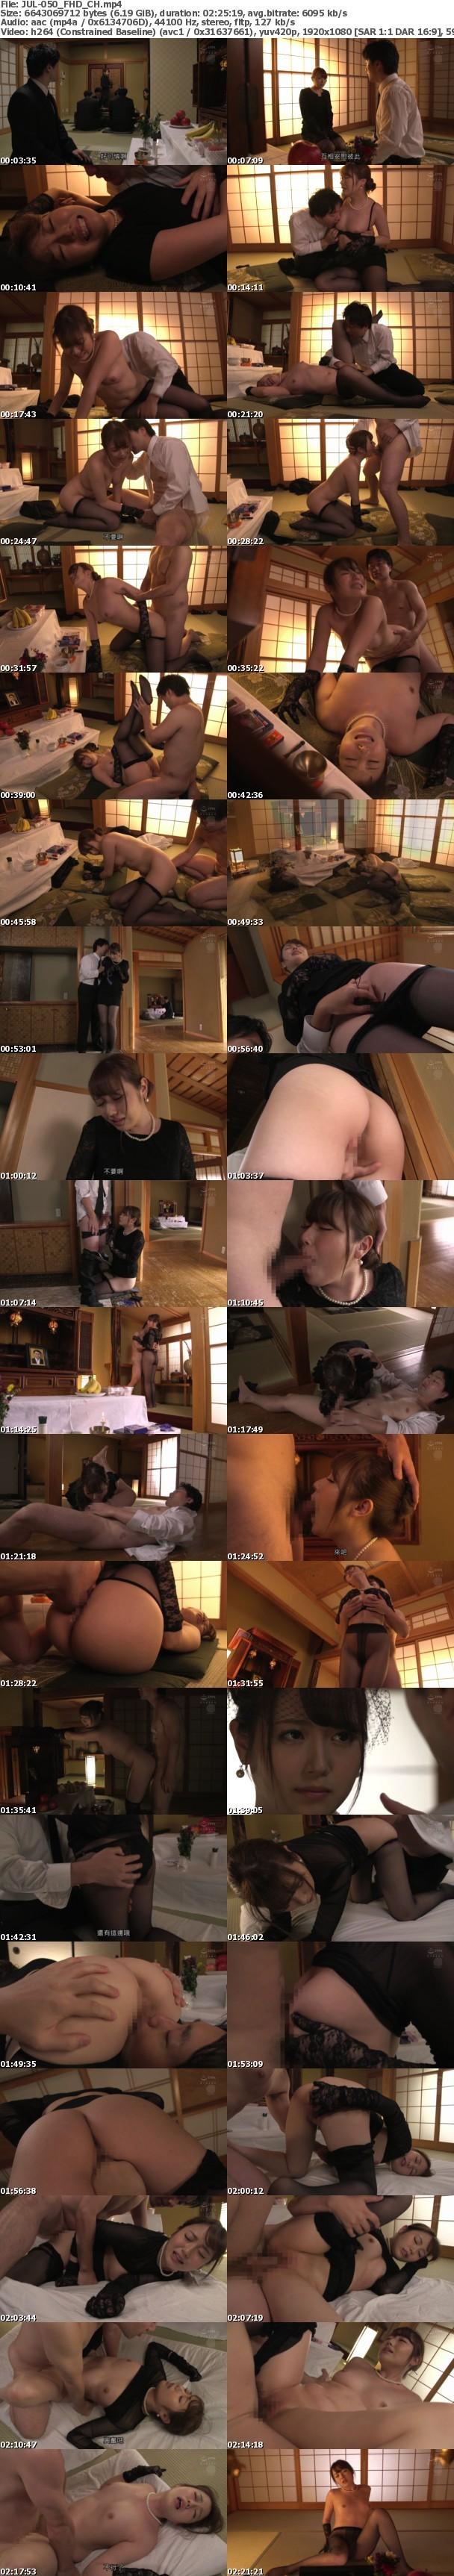 (FHD) JUL-050 凌辱系列作品重新啟動! !人氣美麗女優Madonna初次登場! !在丈夫的遺照面前被侵犯,我瘋狂高潮。望月露麗[有碼高清中文字幕]